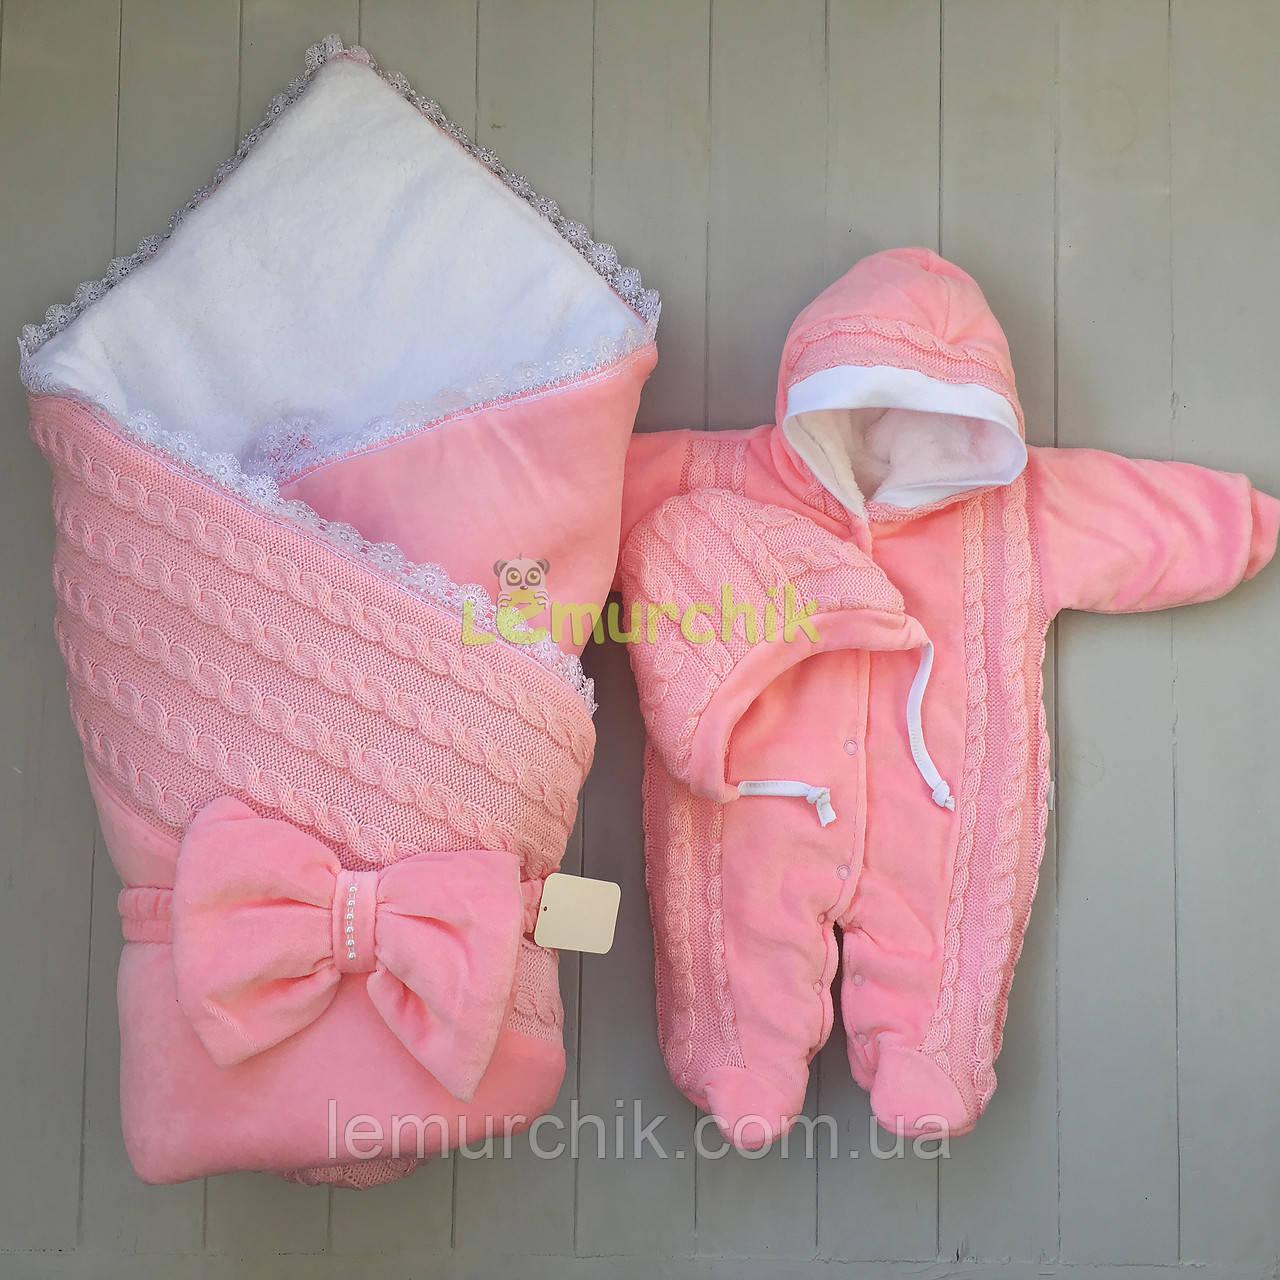 """Зимний набор для выписки и прогулок """"Дует"""" (Конверт+комбинезон с капюшоном+шапочка) розовый"""